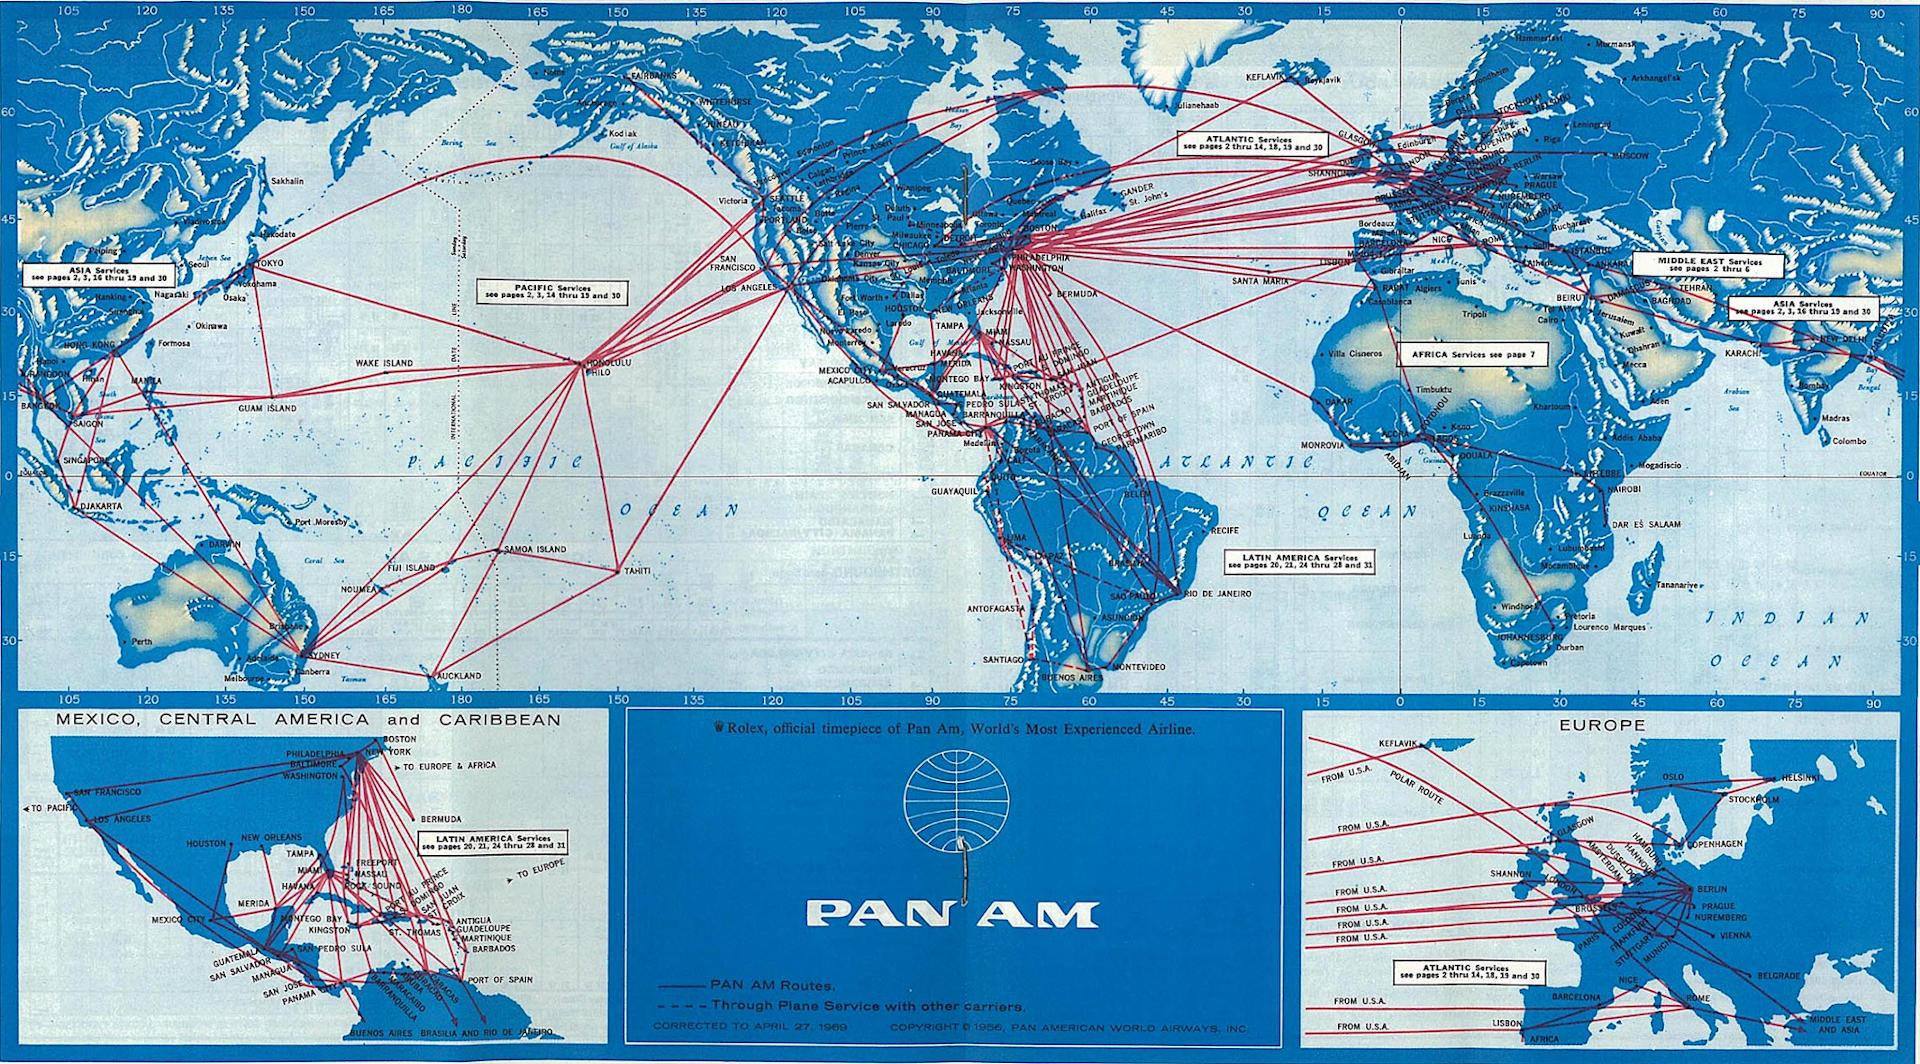 Mapa połączeń Pan Am w 1969r. Źródło: www.timetableimages.com